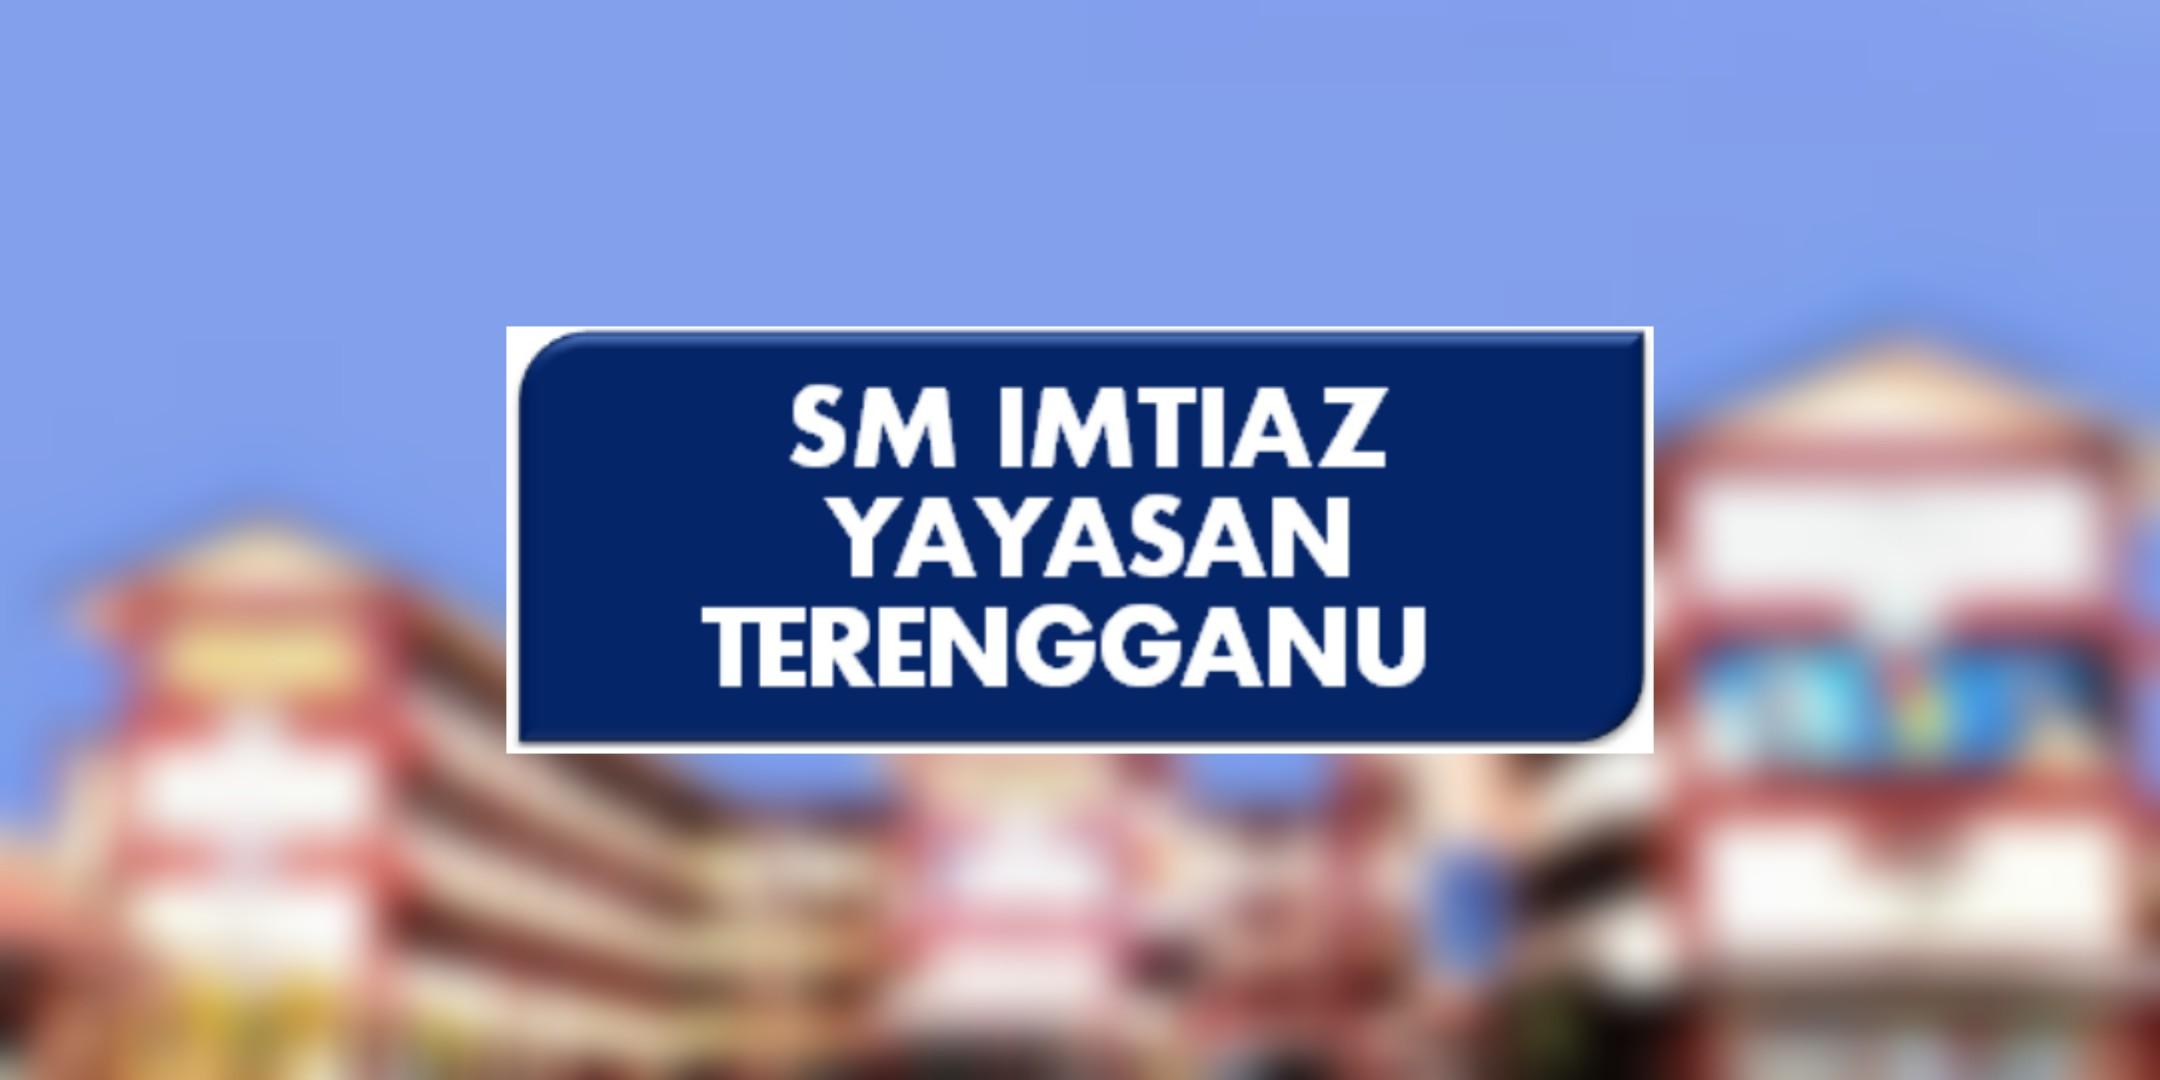 Semakan Online Yayasan Terengganu